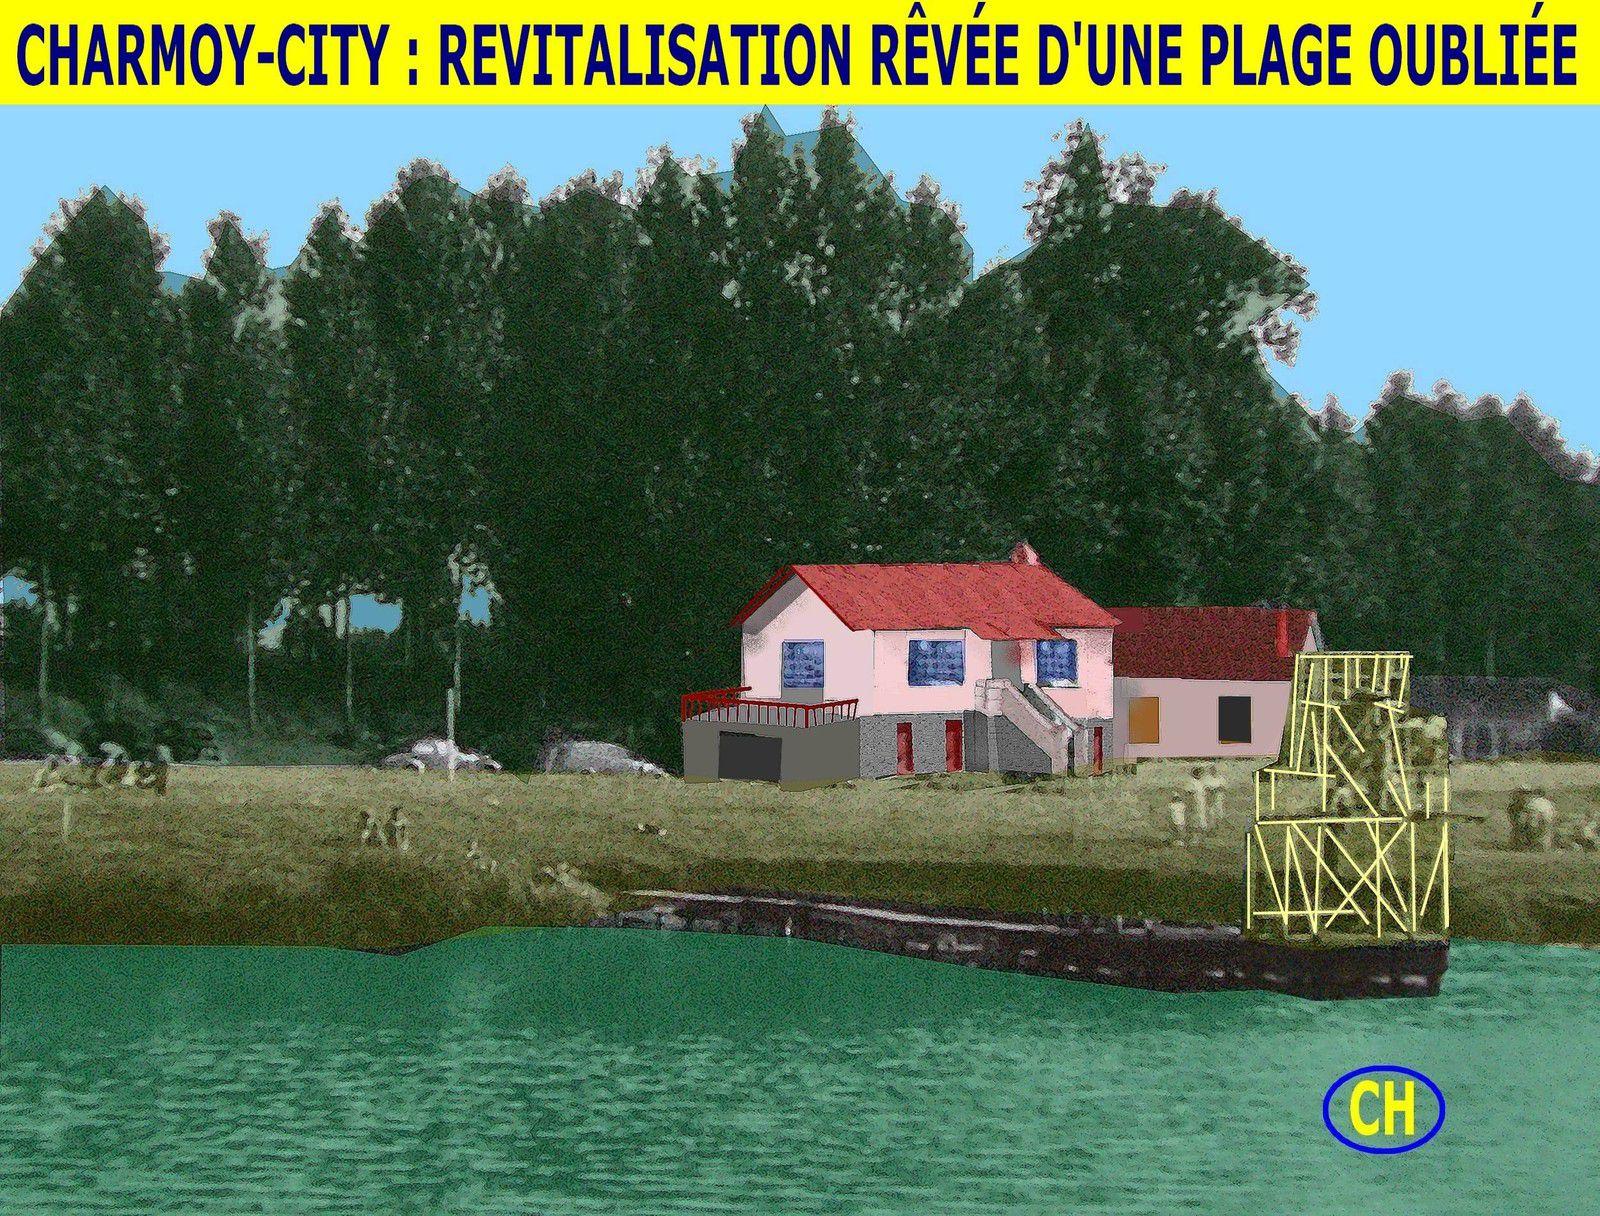 Charmoy-City, revitalisation rêvée d'une plage oubliée.jpg